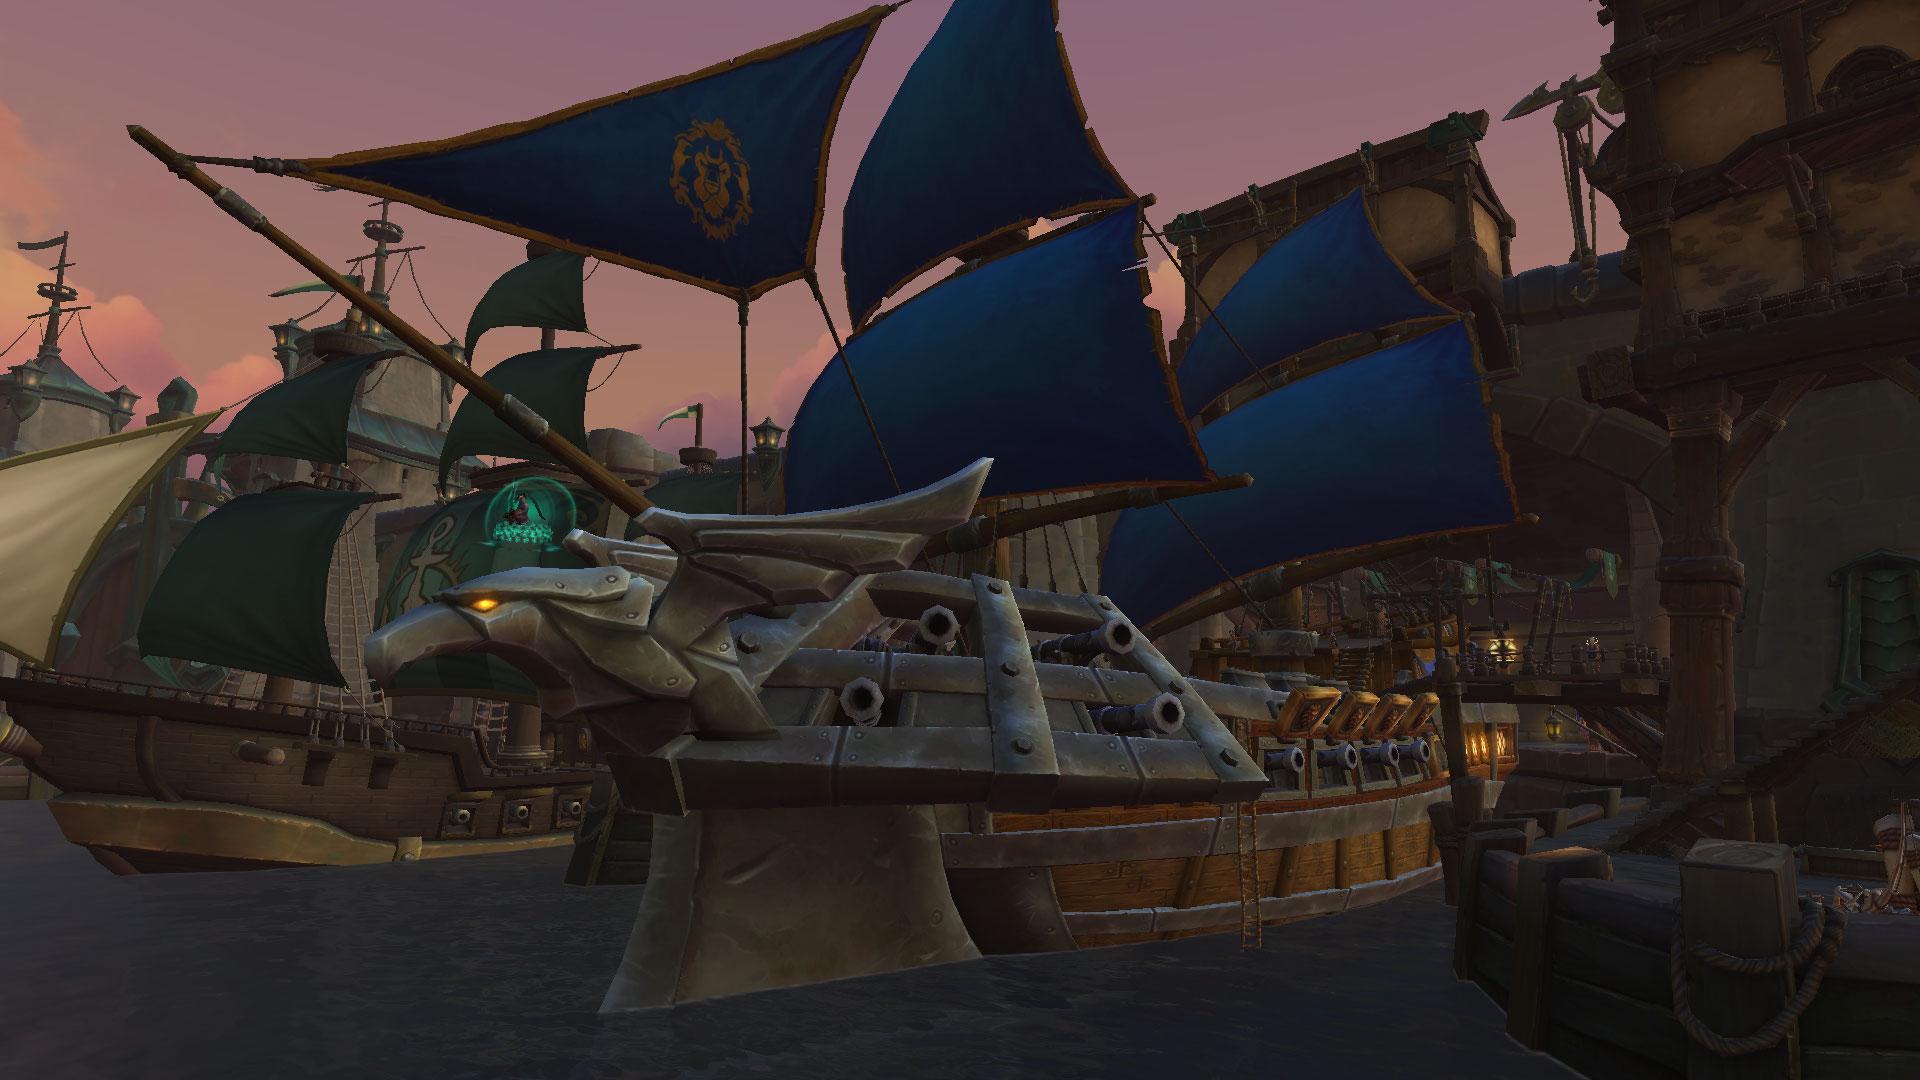 Rejoignez le navire dans votre capitale pour démarrer votre campagne militaire